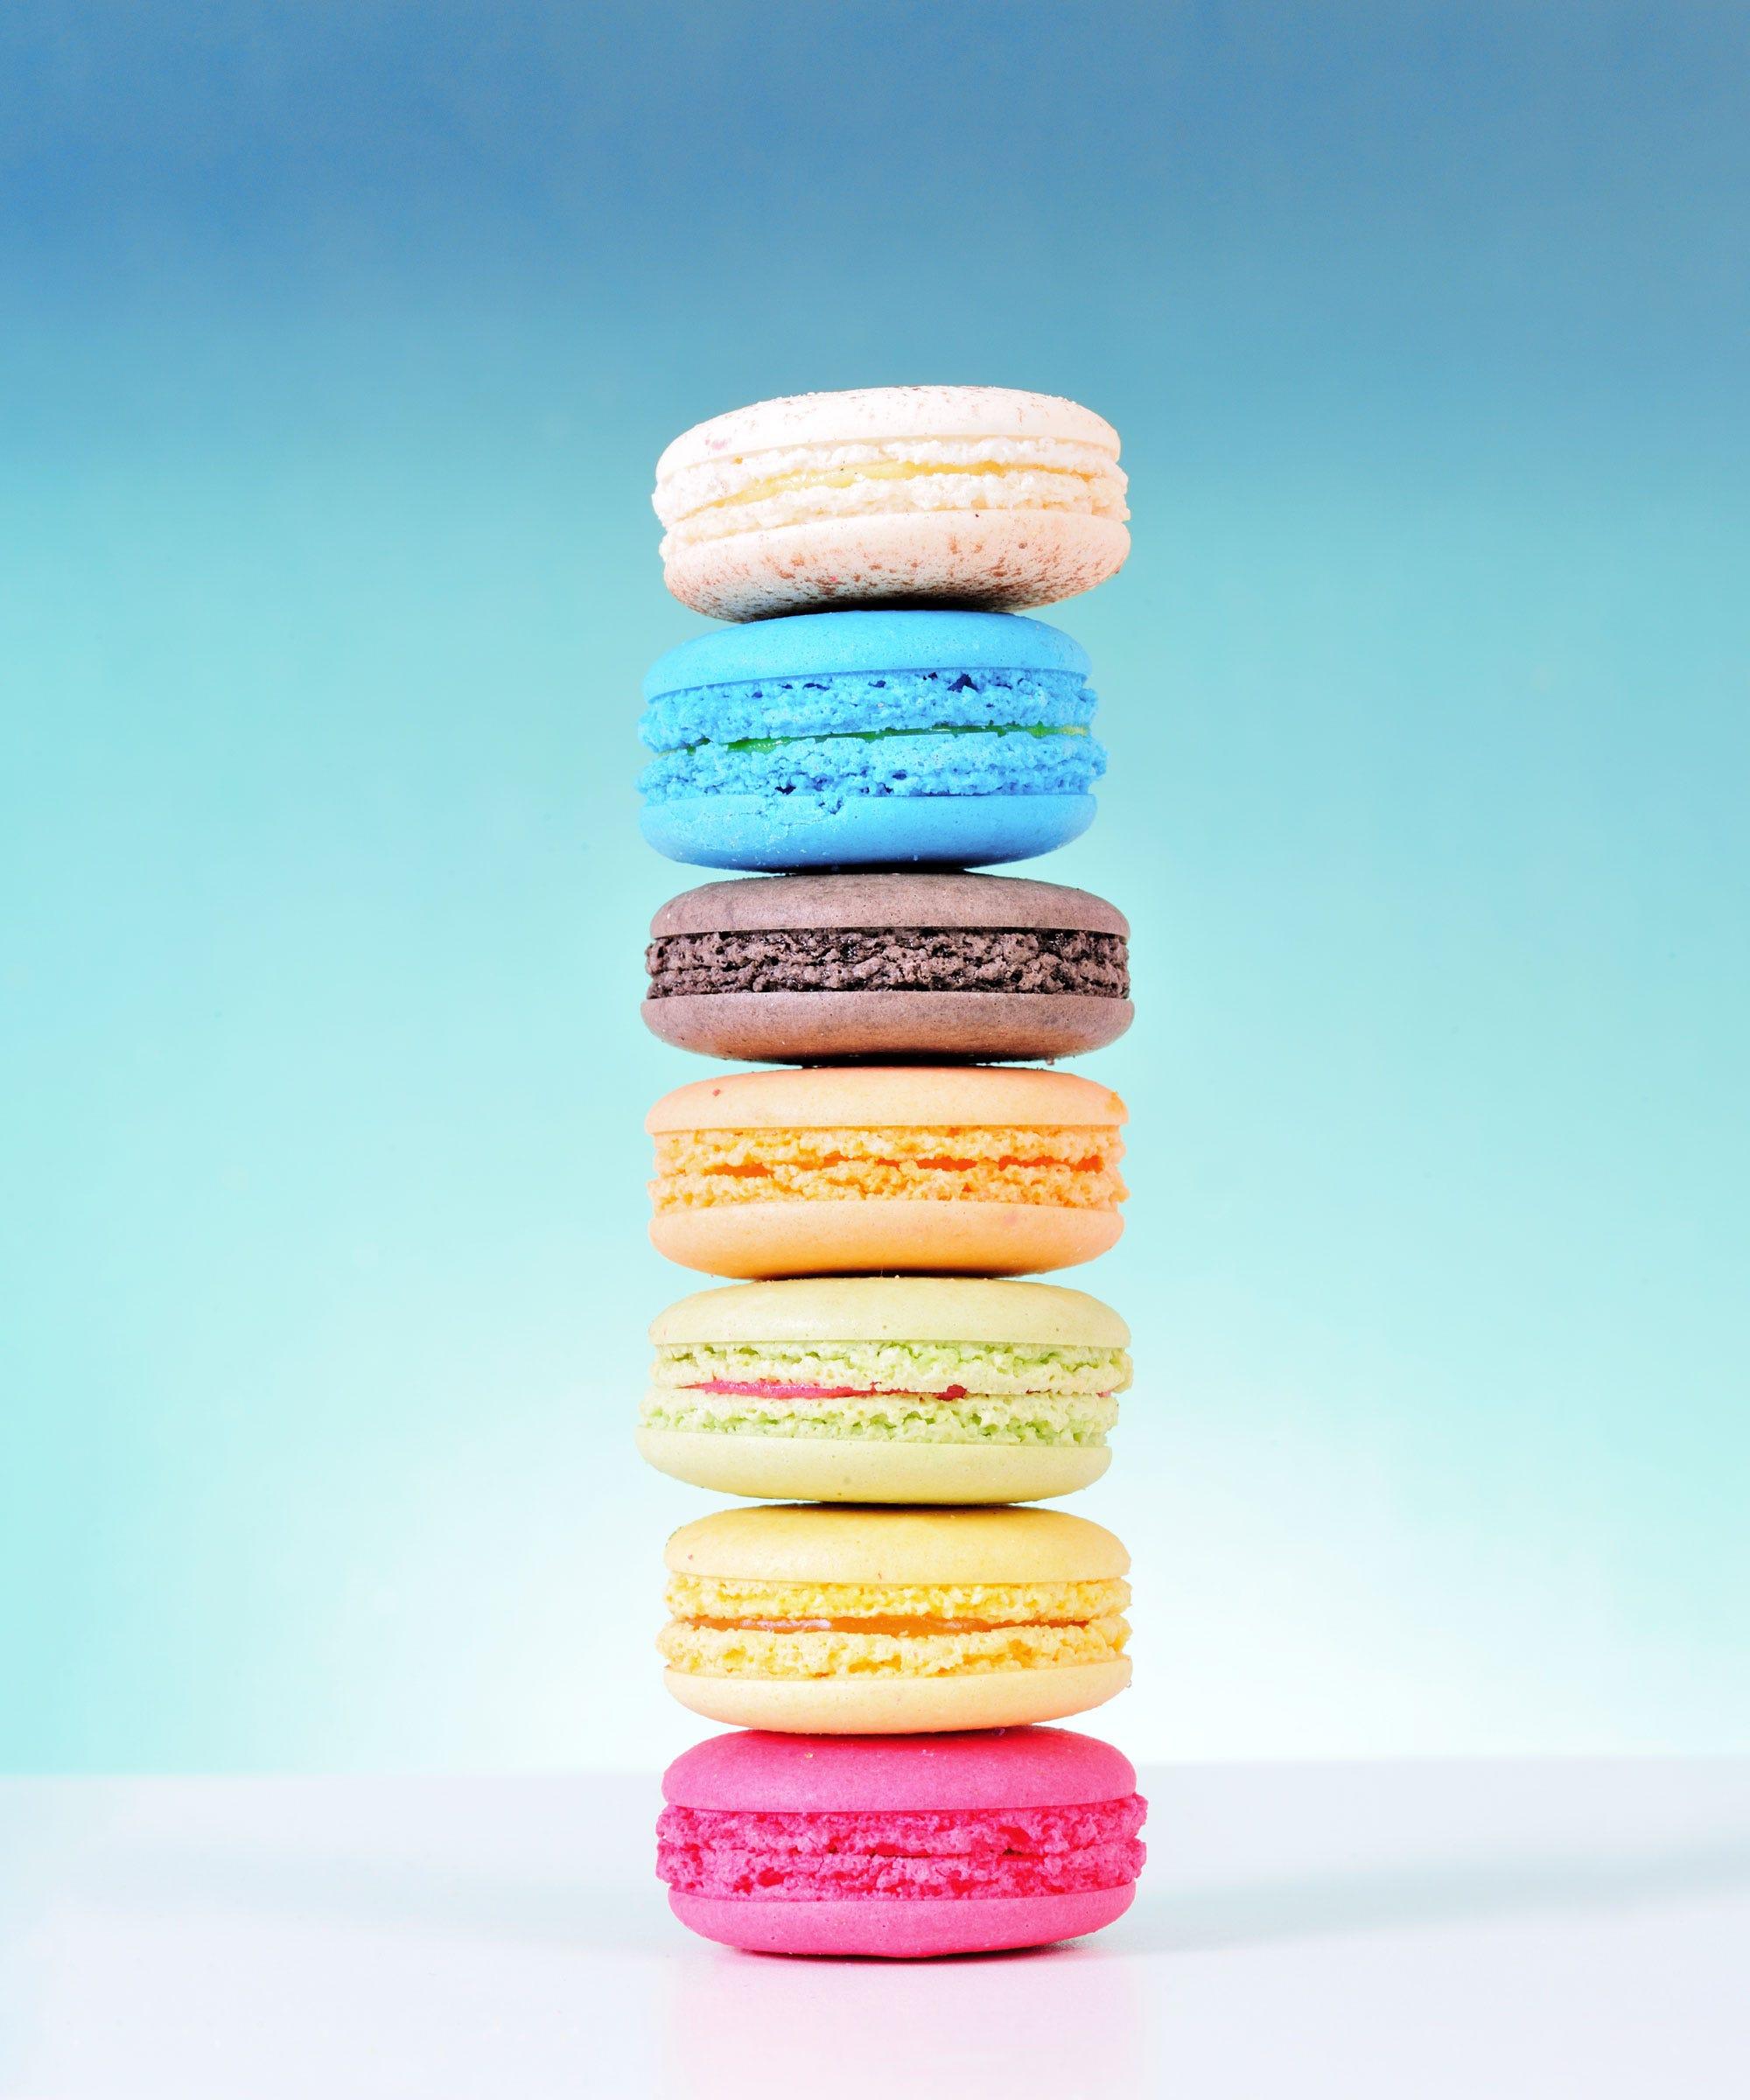 Best Macaron Recipe - Make Macarons